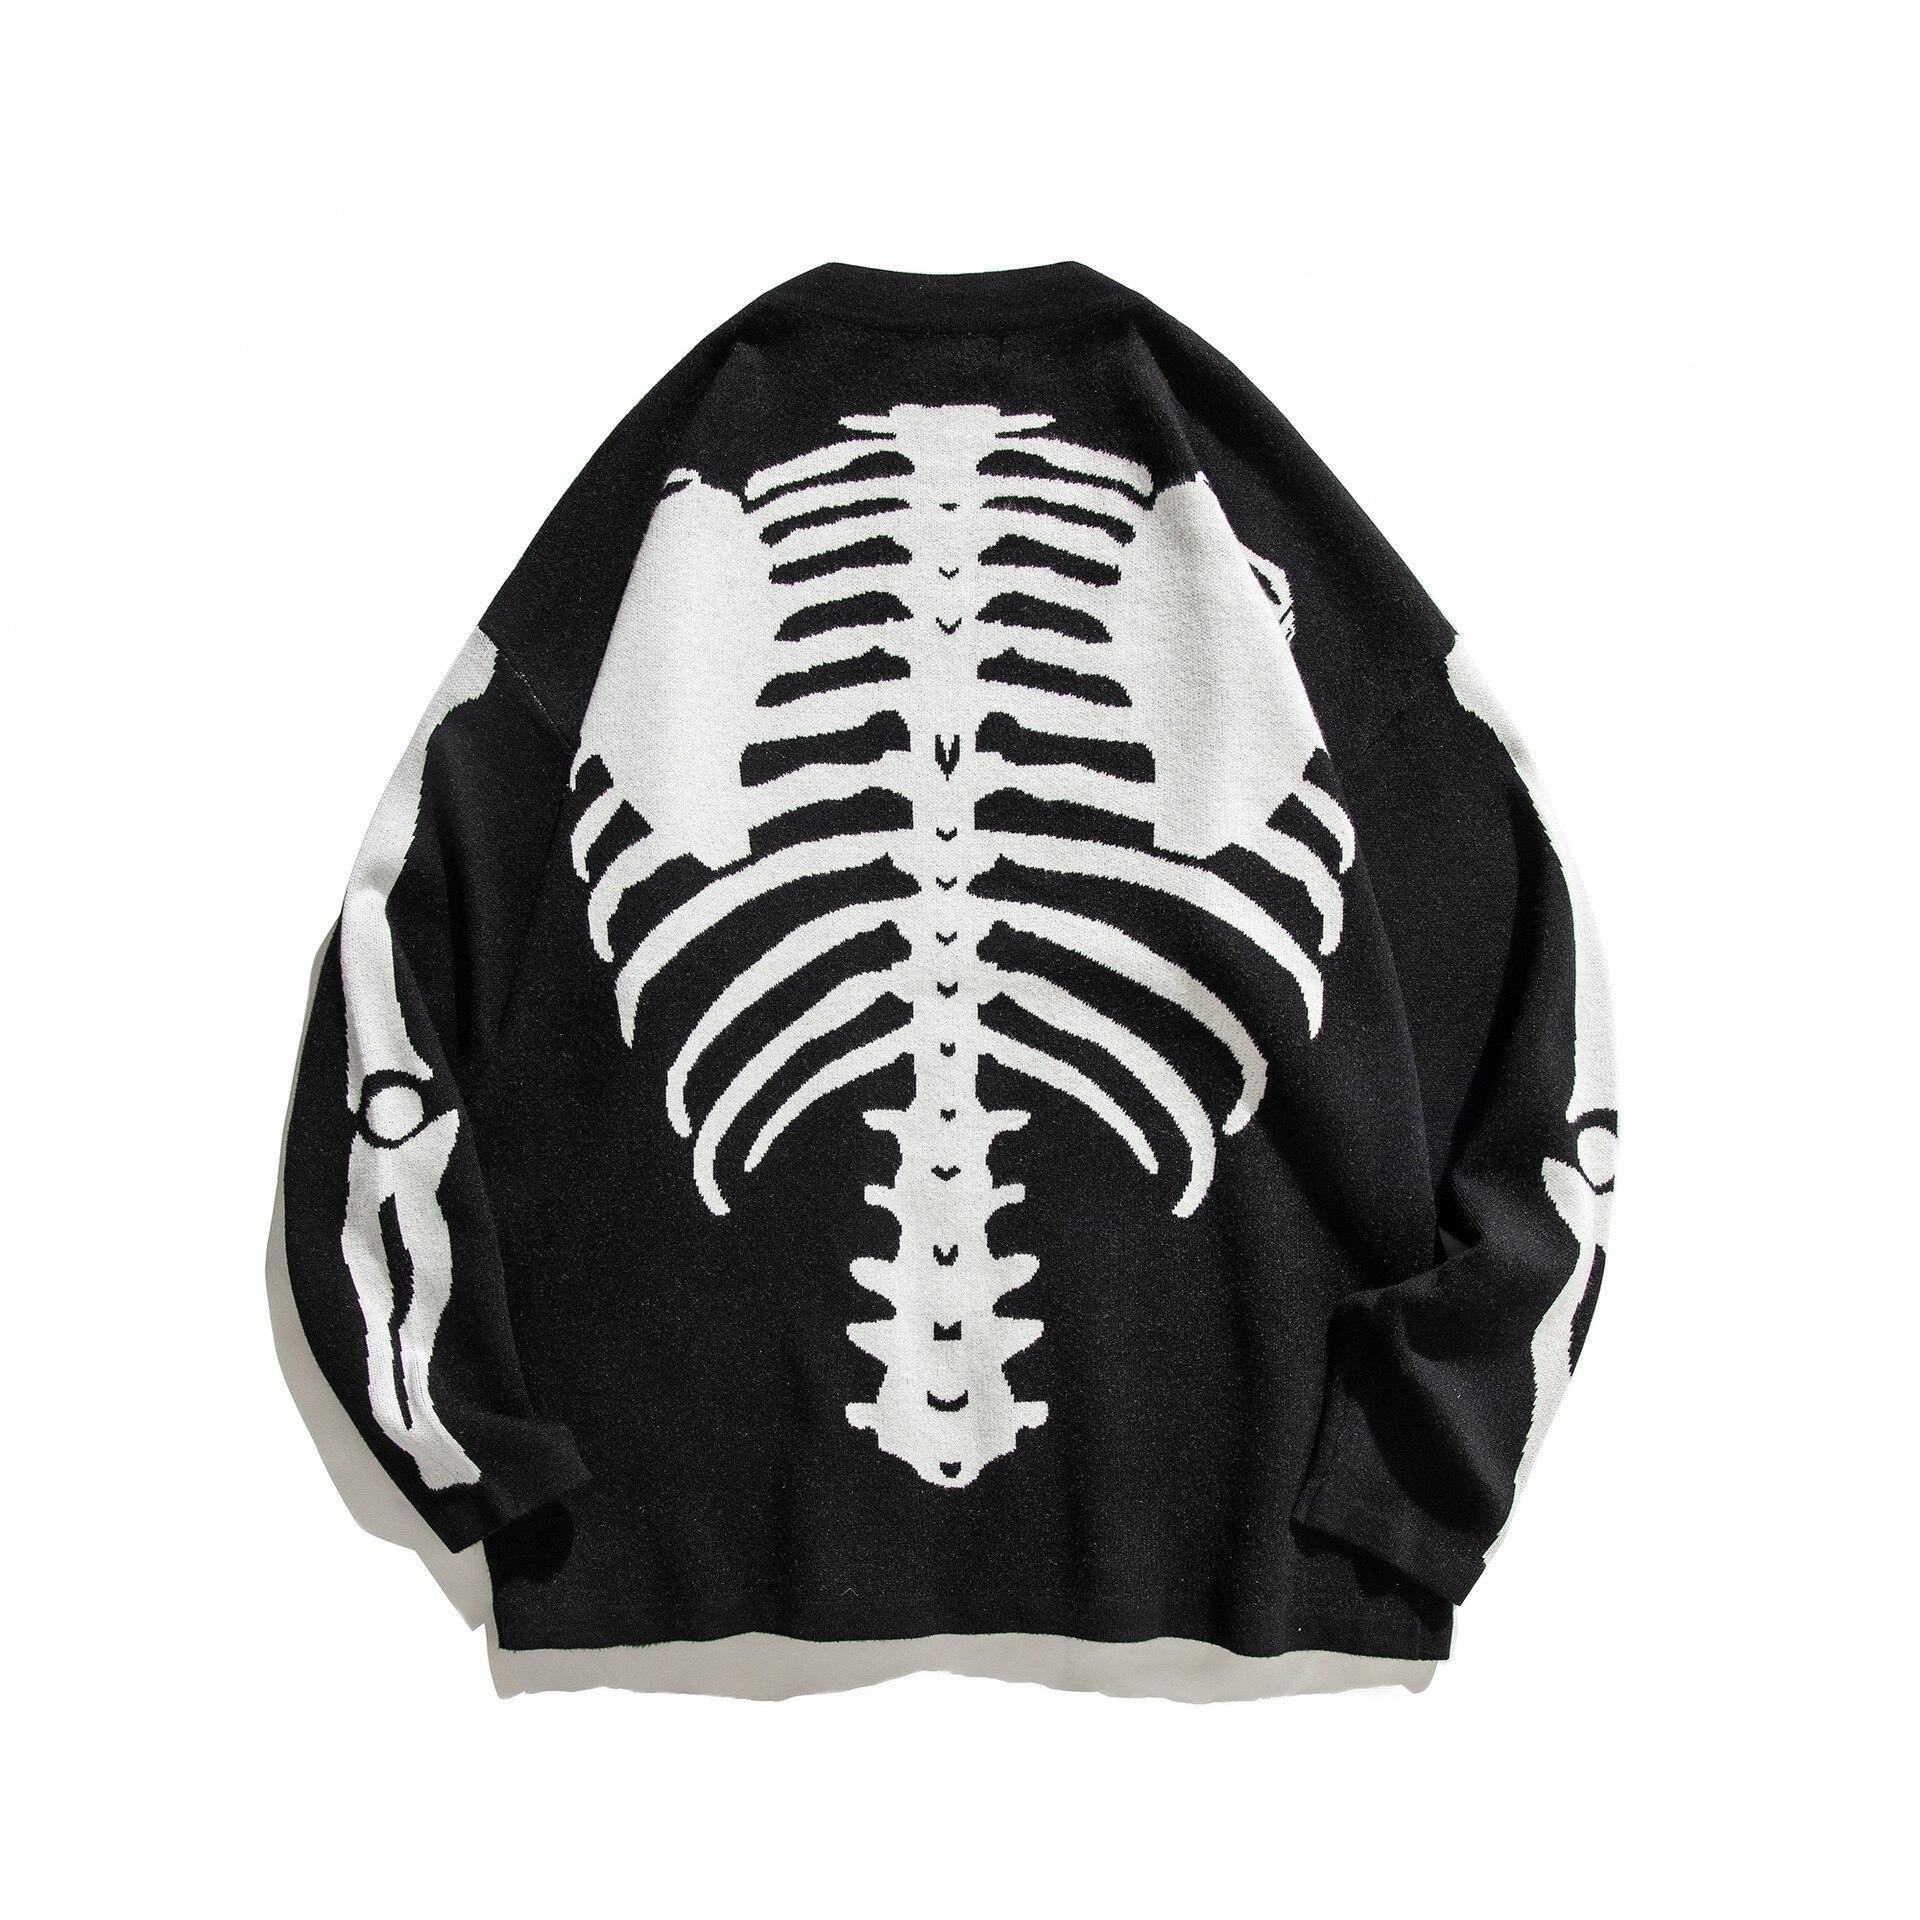 الهيكل العظمي العظام الجاكار سترة محيكة عصرية 2020 الشارع الشهير Harajuku سترة غير رسمية الرجال الملابس معطف الشتاء الرجعية فضفاض زوجين